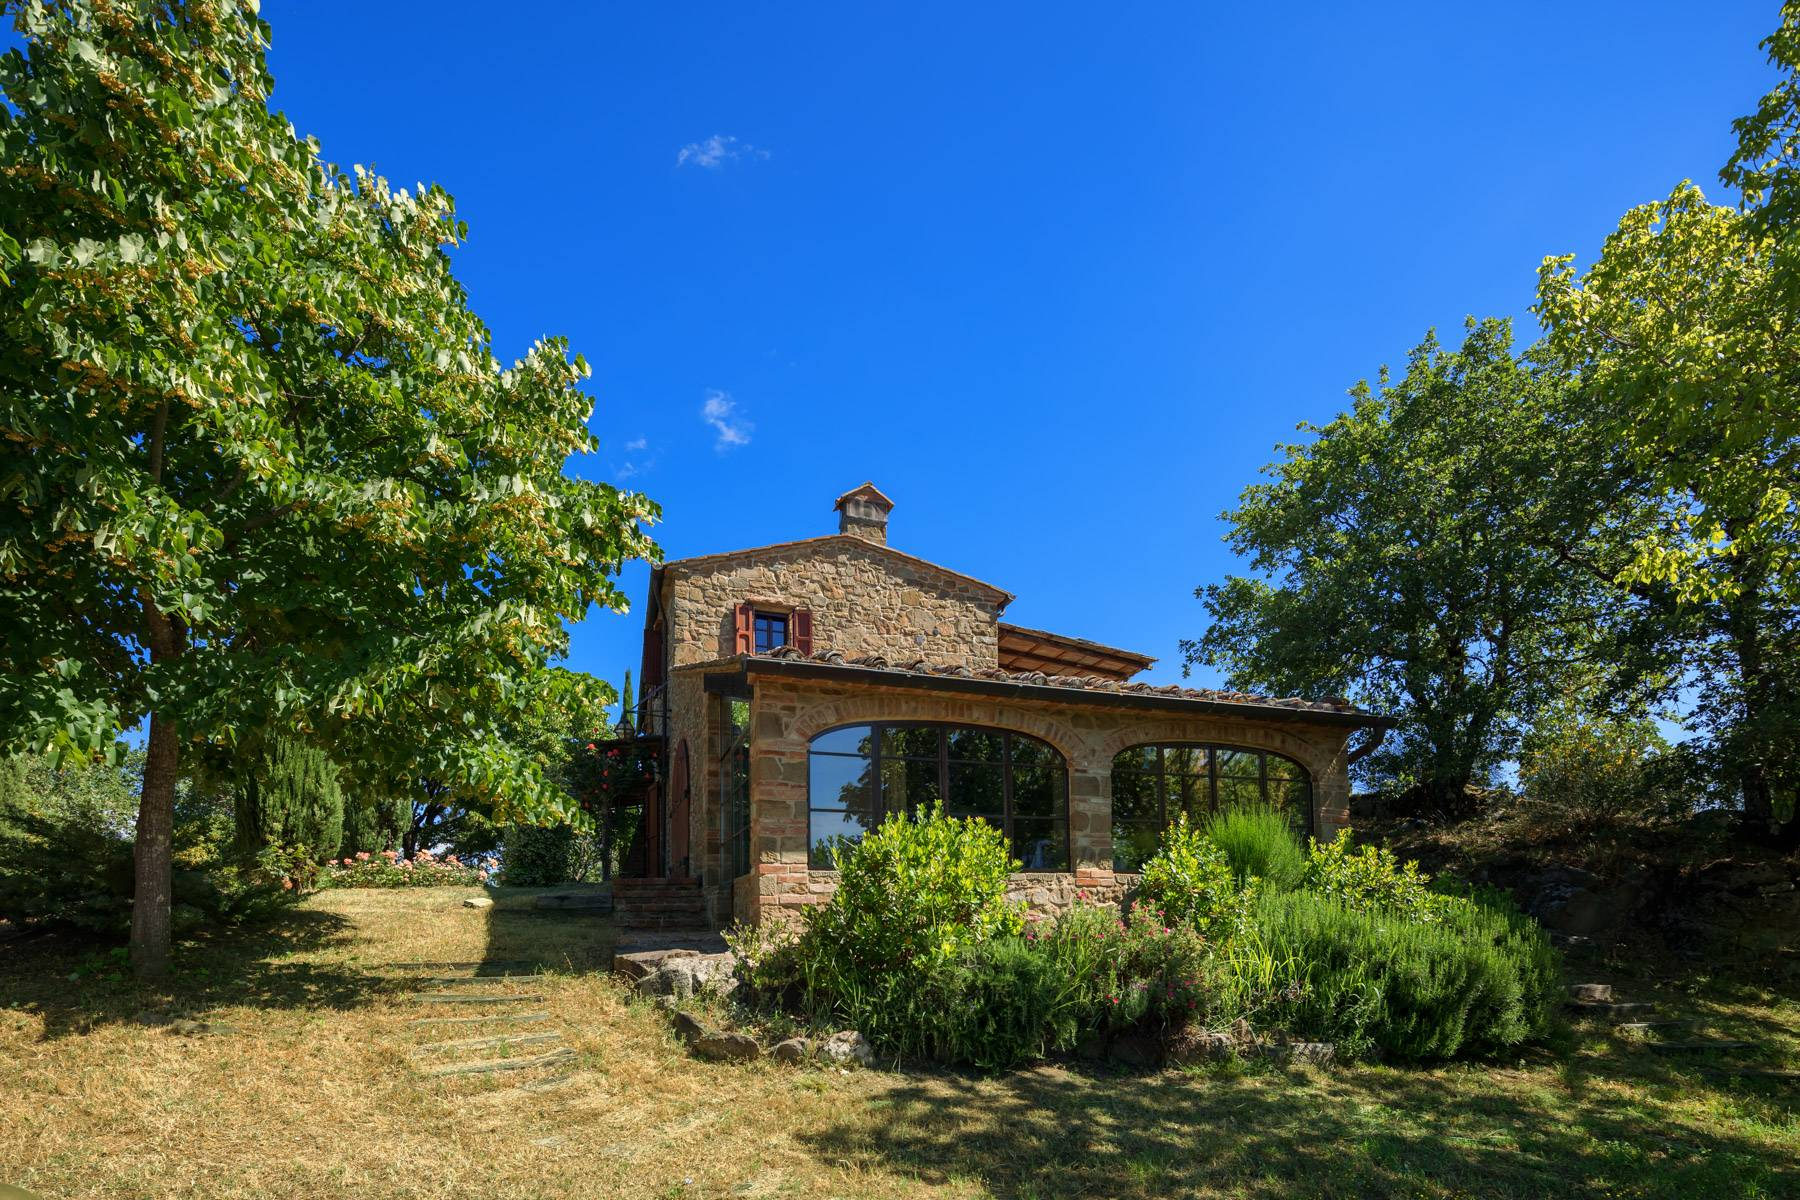 Rustico in Vendita a Monte San Savino: 5 locali, 307 mq - Foto 5